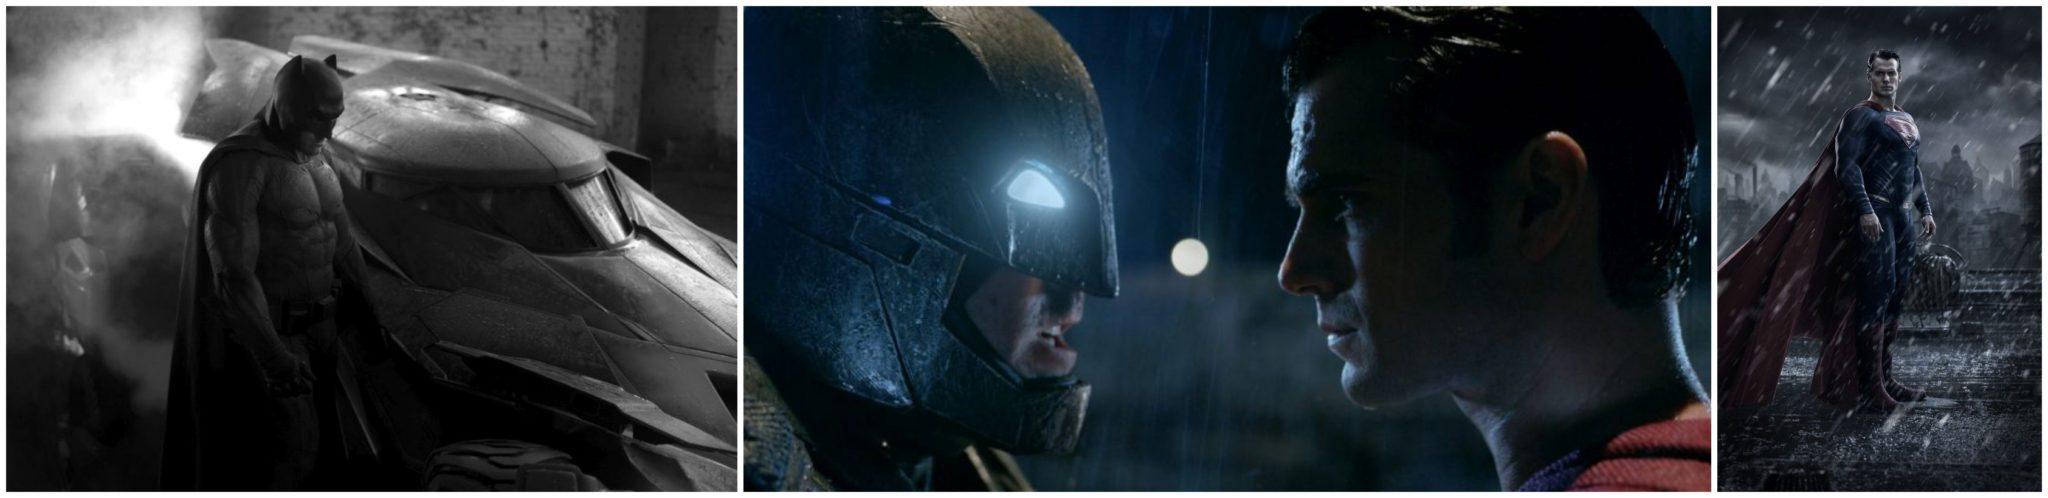 Batman v Superman 1-